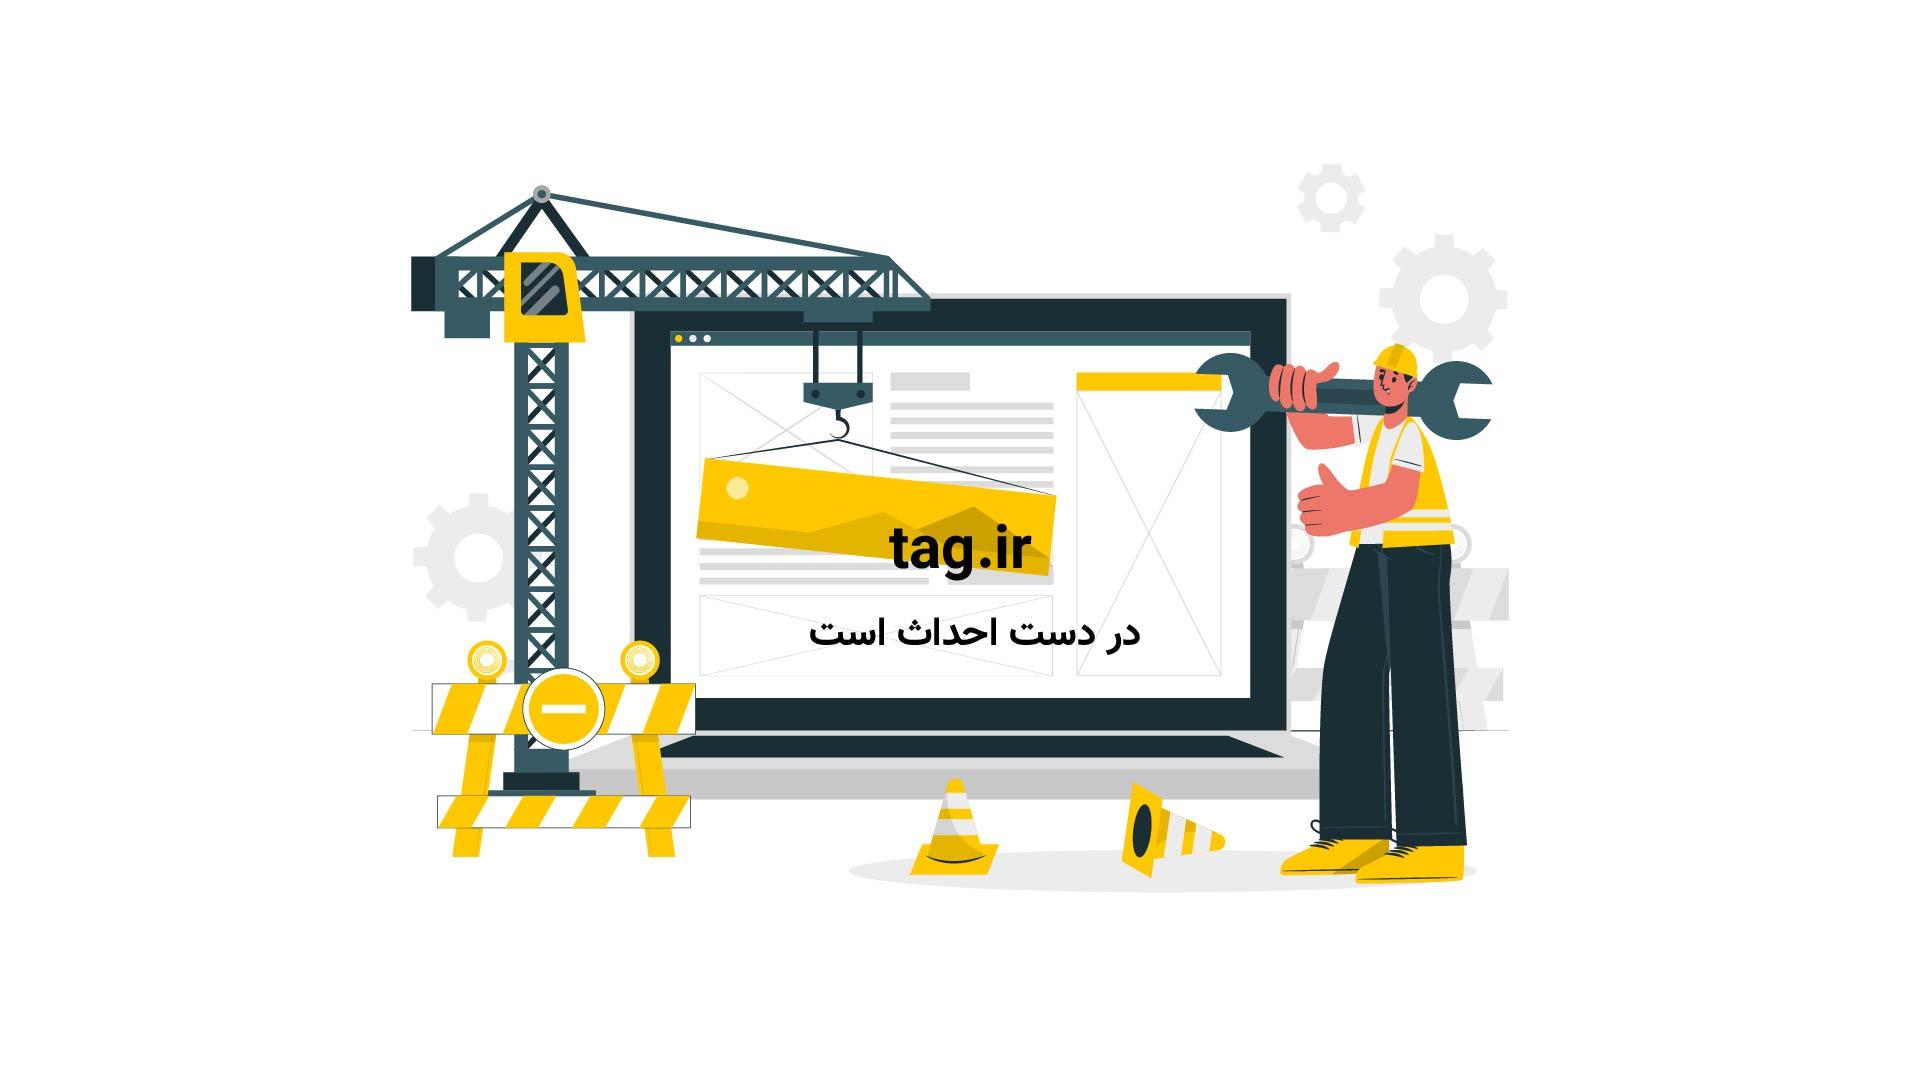 فرار تماشاچیان کنسرت پس از شنیده شدن صدای انفجار در شهر منچستر | فیلم